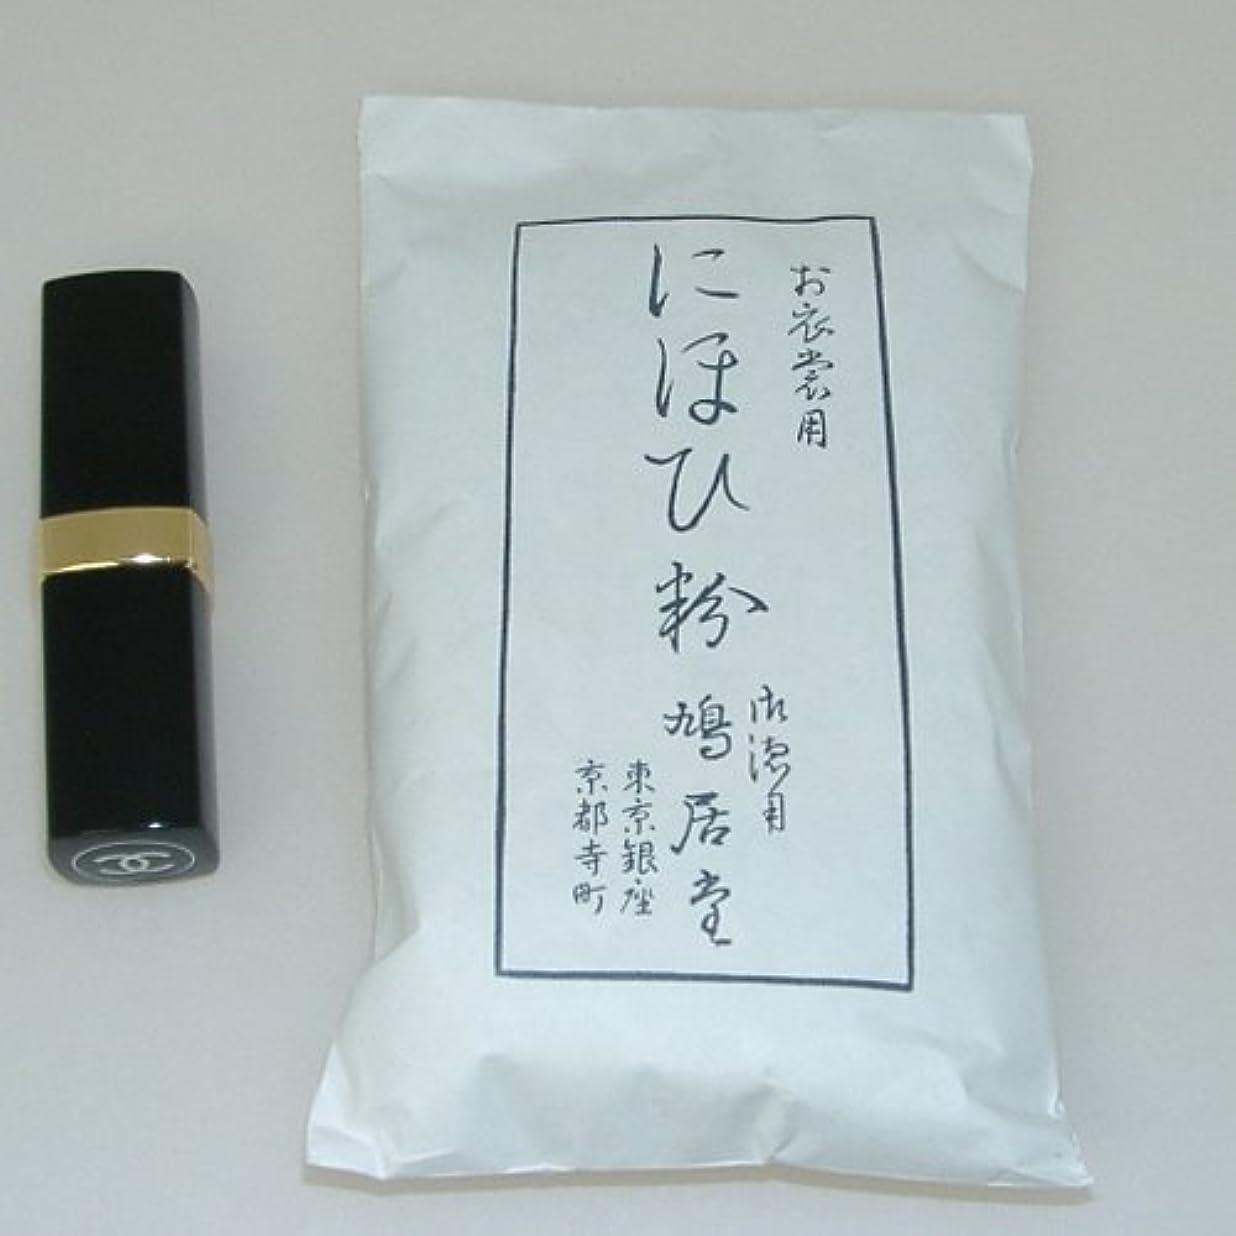 視力スカイカフェ鳩居堂 にほひ袋 詰め替え用 徳用匂粉(大) 鳩613